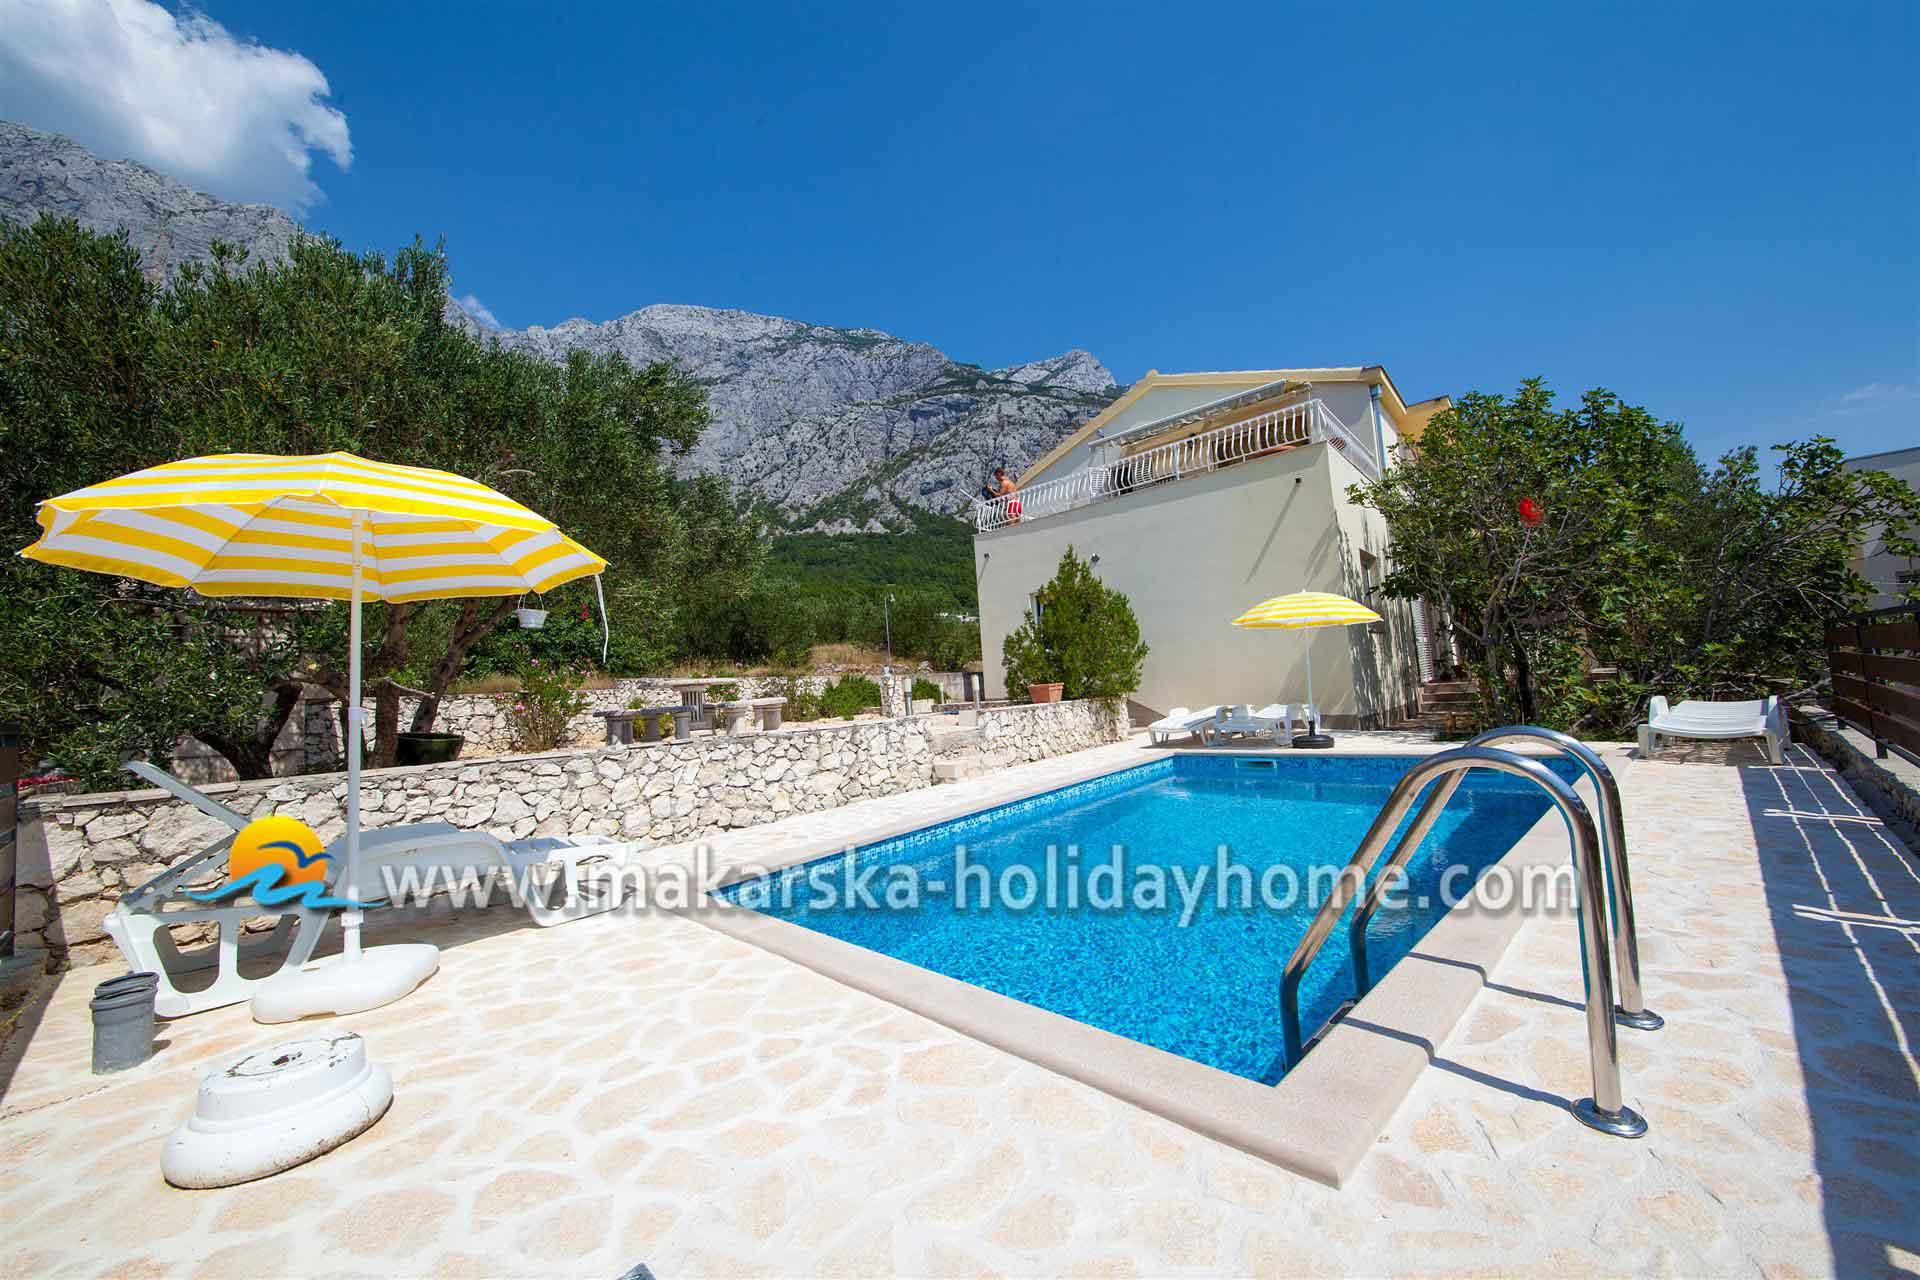 Ferienhaus kroatien mit pool und hund makarska for Kroatien villa mit pool